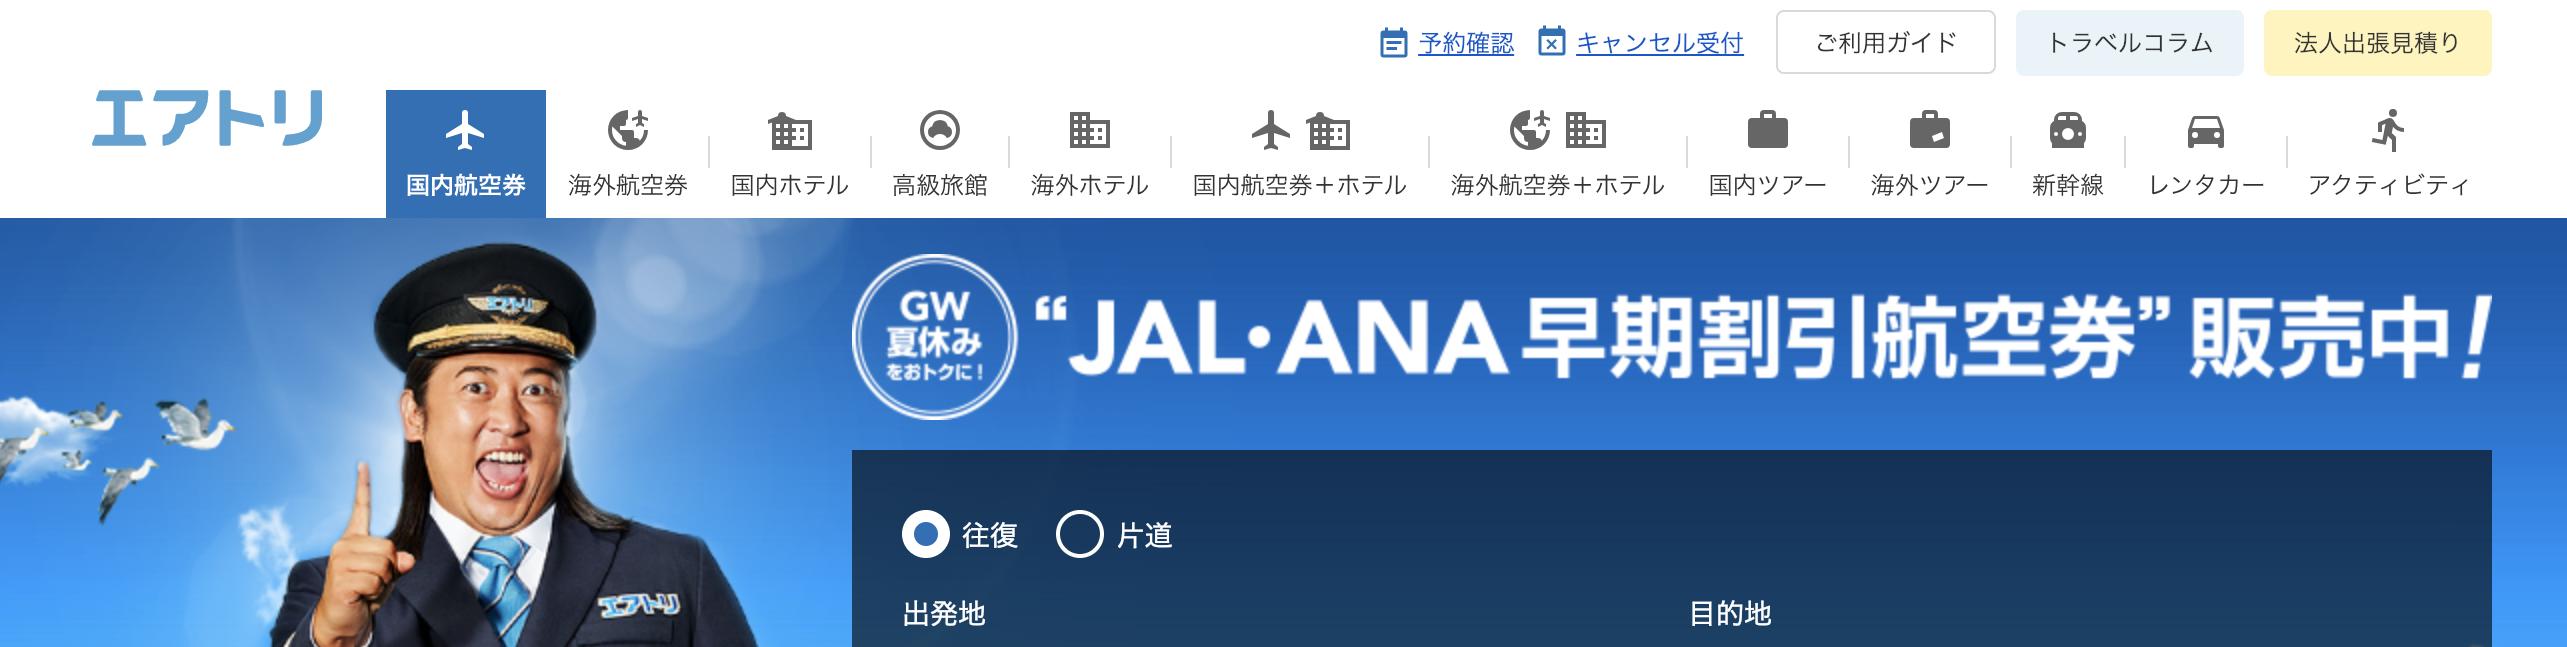 エアトリ(airtrip.jp)のトップページ